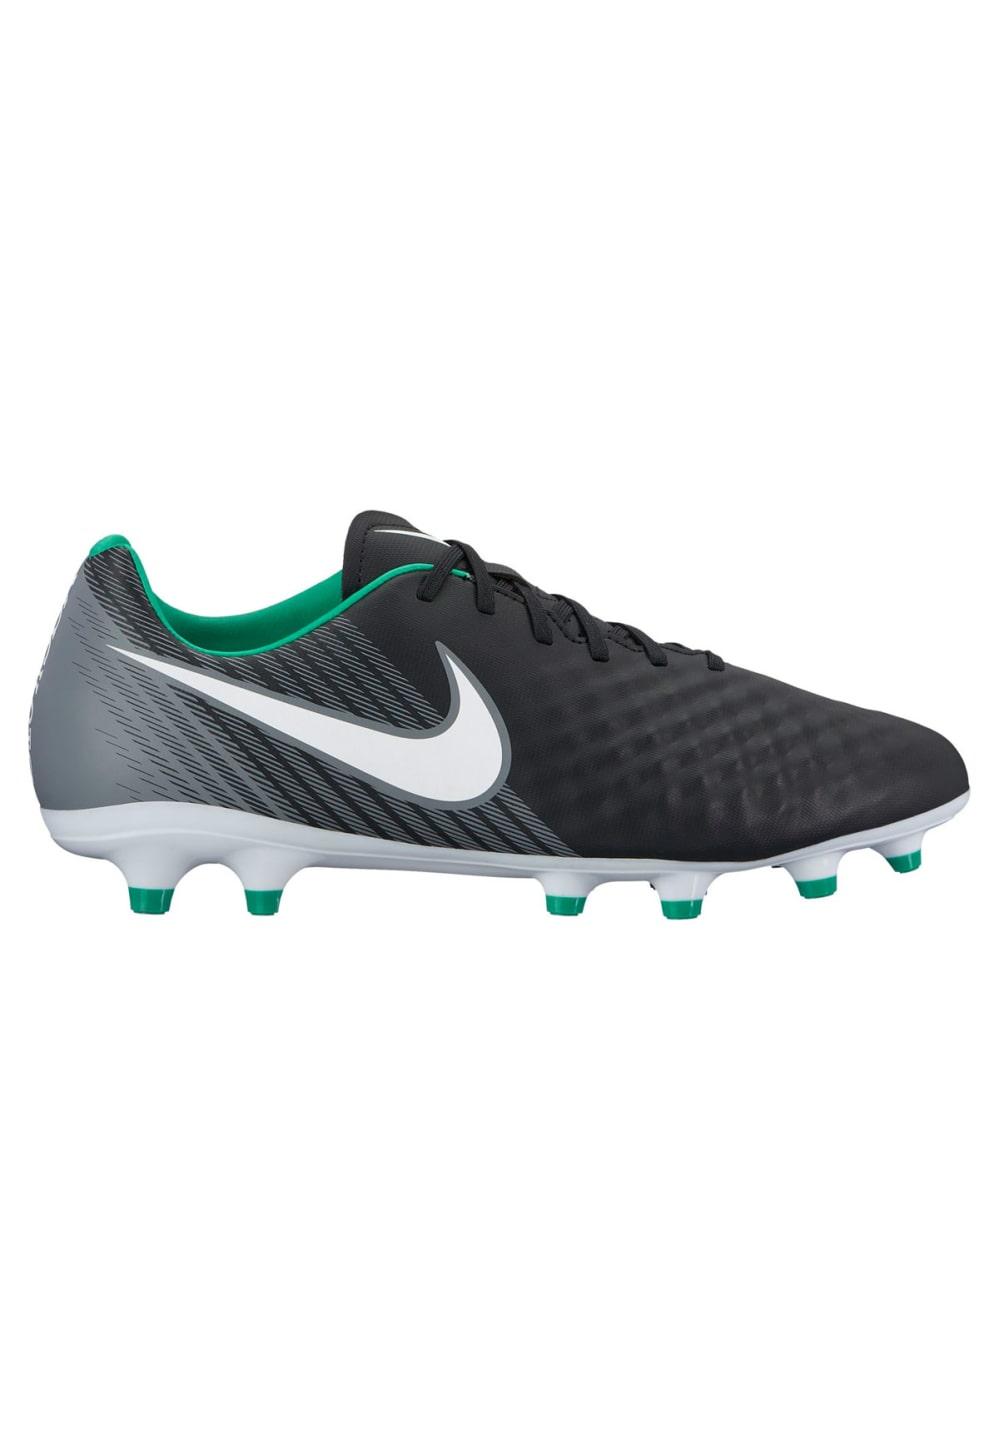 best cheap ace0a e0d2c ... Nike Magista Onda II FG - Fußballschuhe für Herren - Schwarz. Zurück  zur Übersicht. 1; 2. Previous